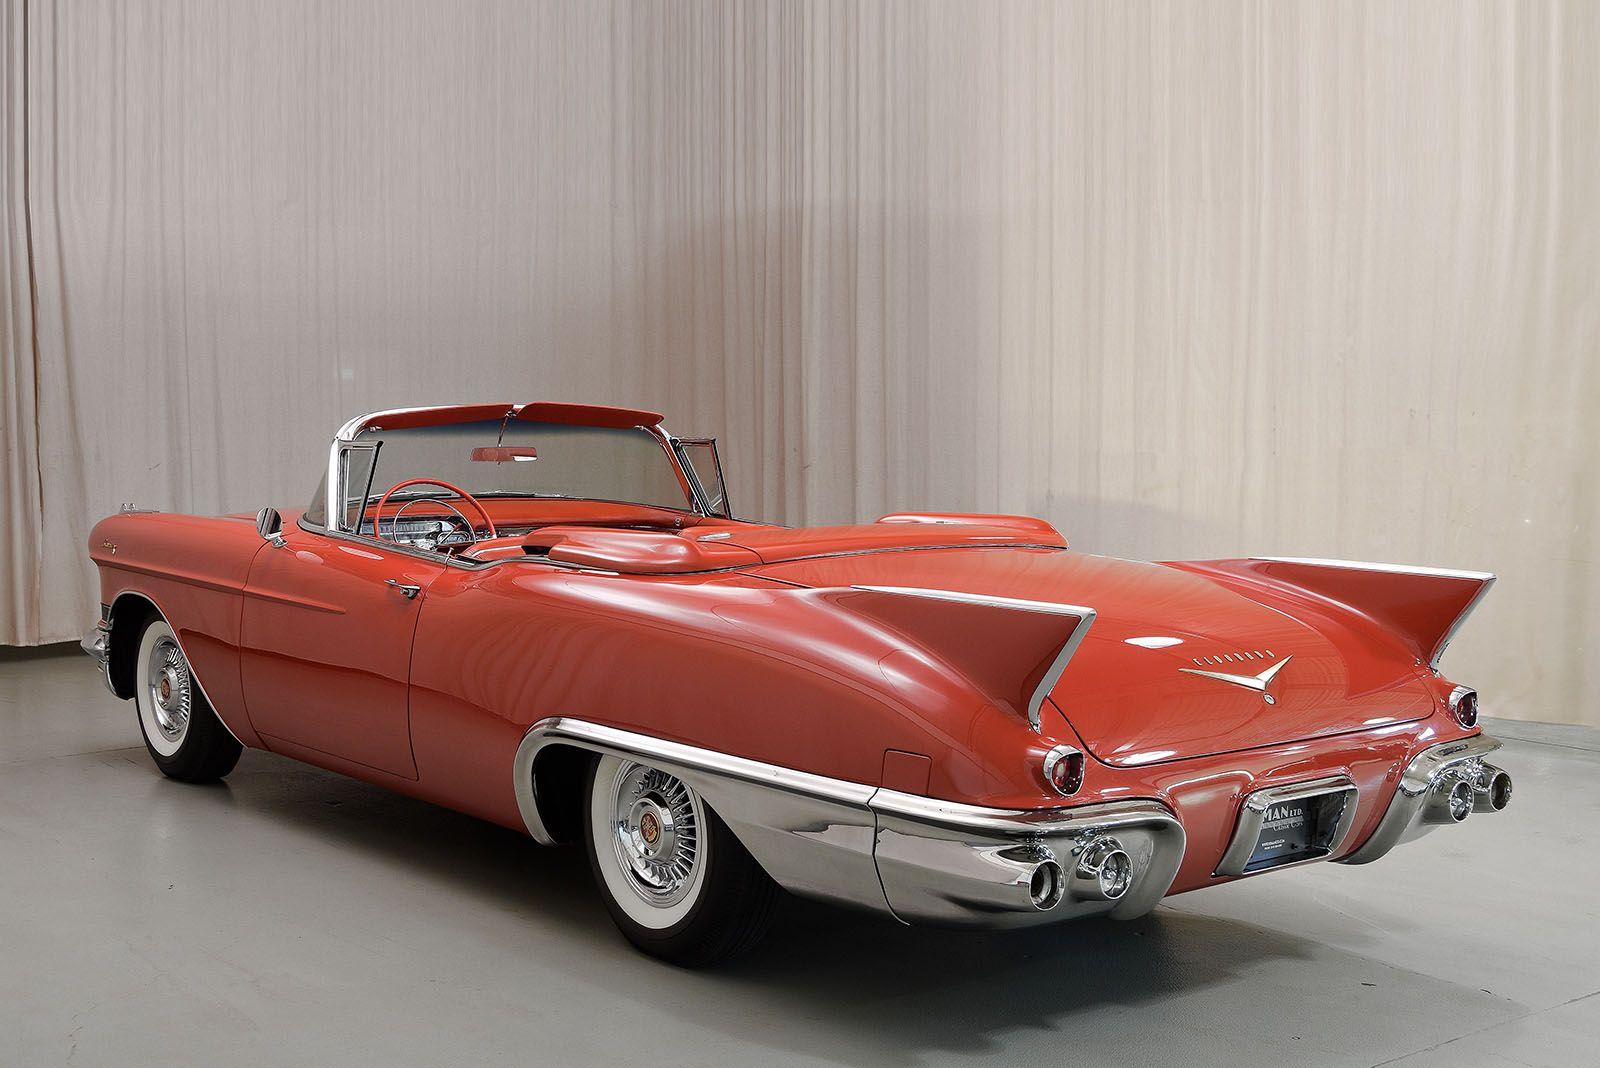 1957 Cadillac Eldorado convertible